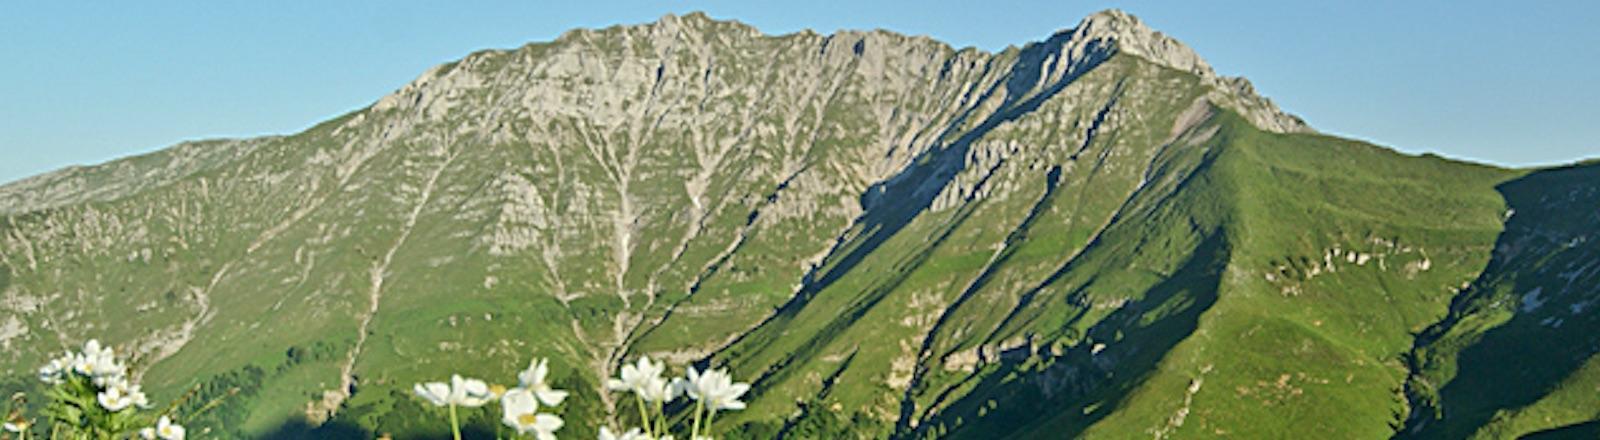 Alpe Arera Sentiero Dei Fiori